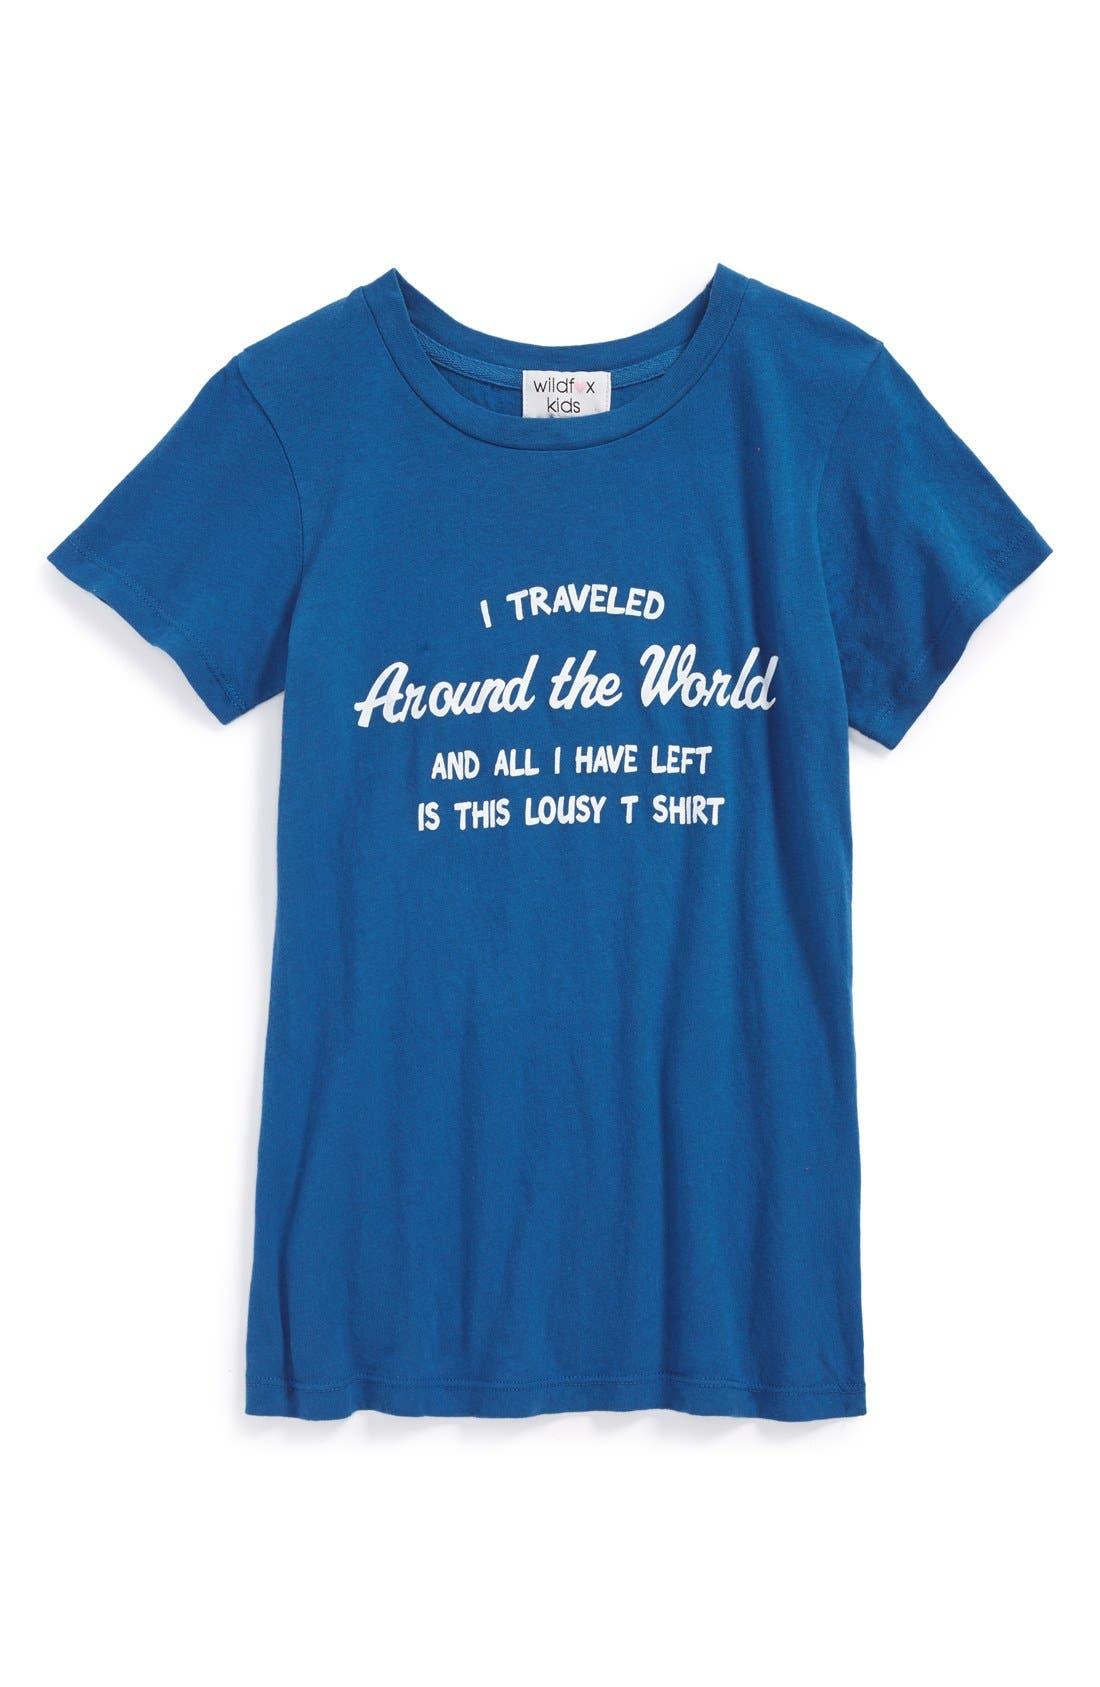 Main Image - Wildfox 'Around the World' Graphic Cotton Tee (Big Girls)